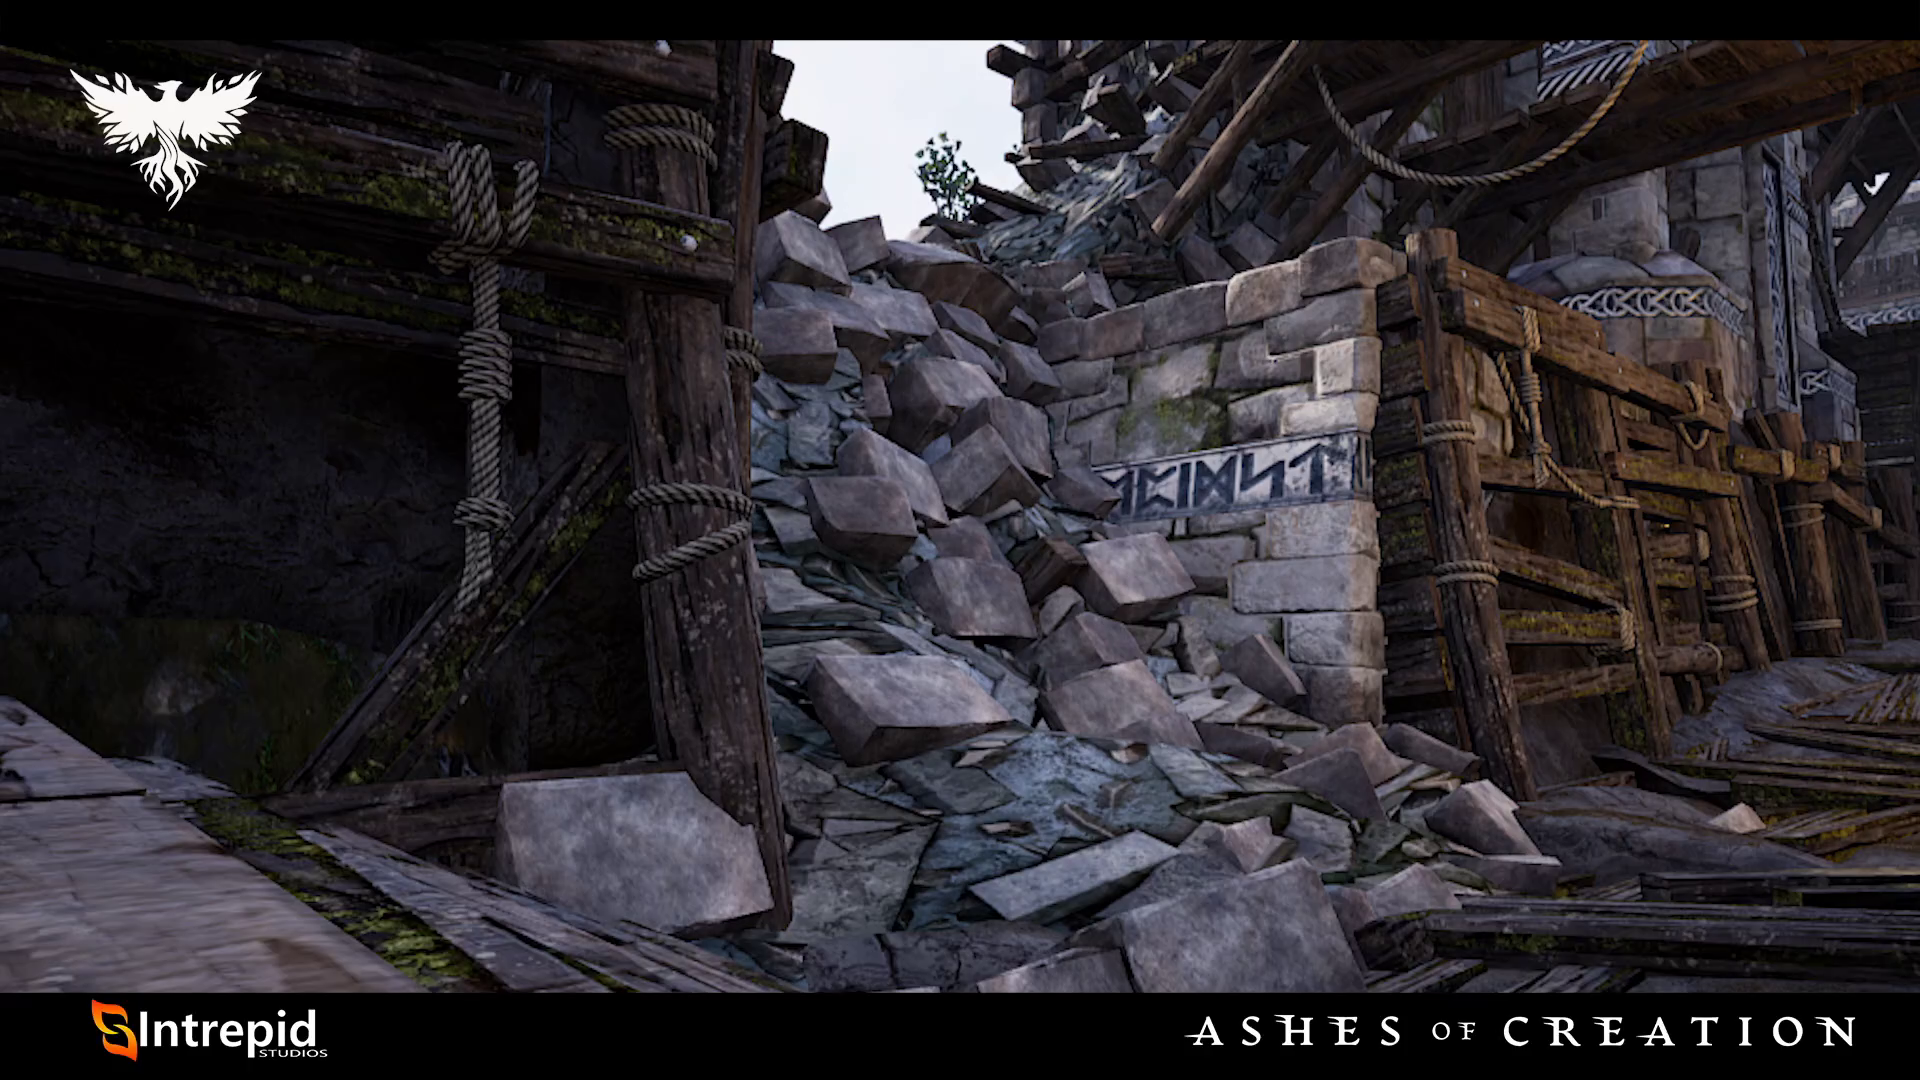 Asedio ashes of creation destruido edificio